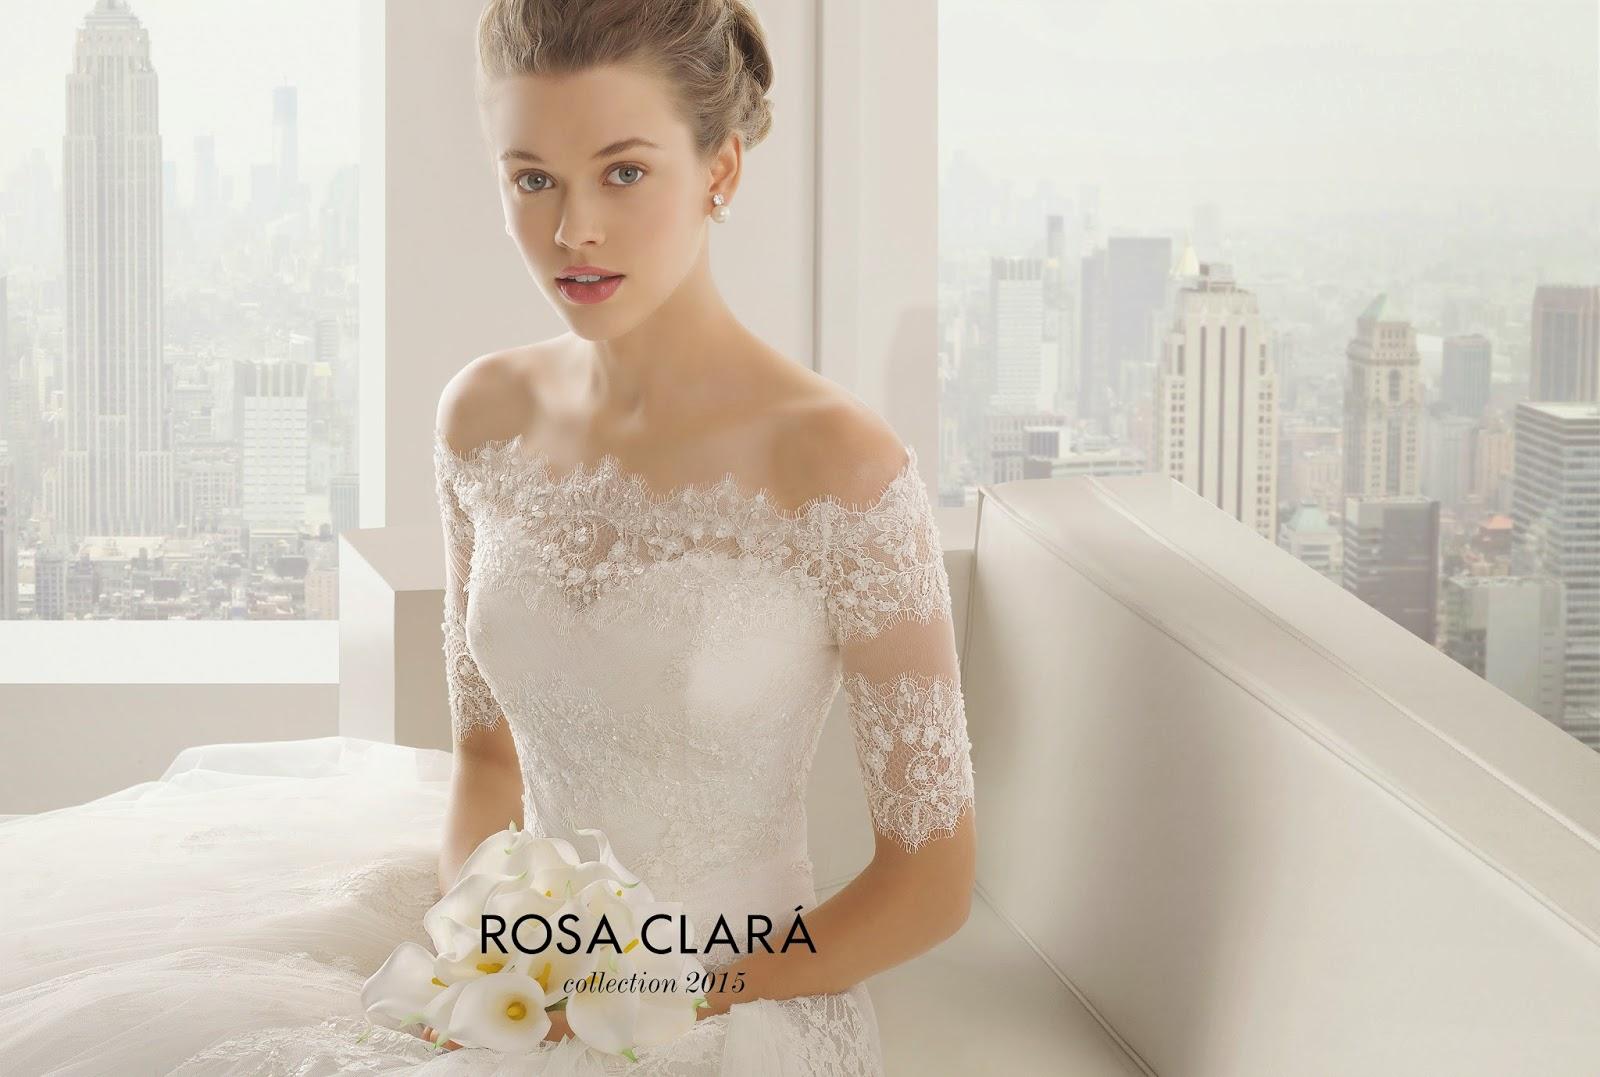 abiti da sposa 2015 Rosa Clarà e matrimonio idee, tendenze, colori